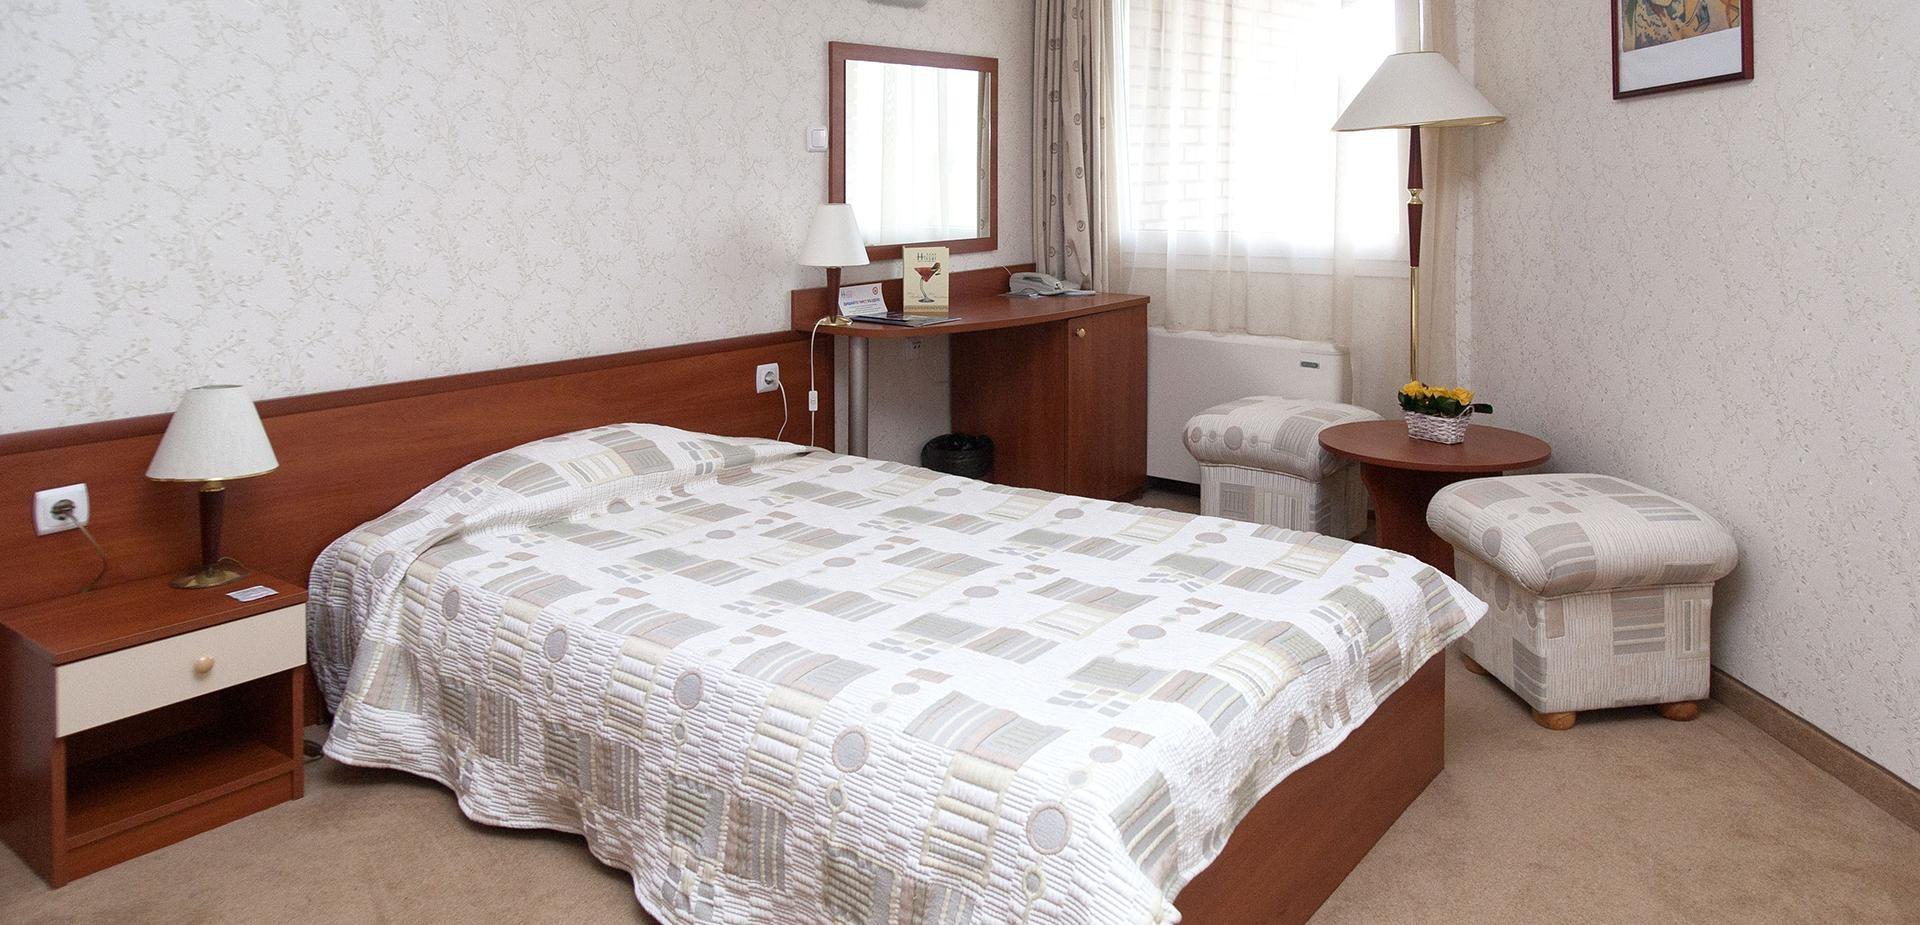 Спа Хотел Хисар - единична стая